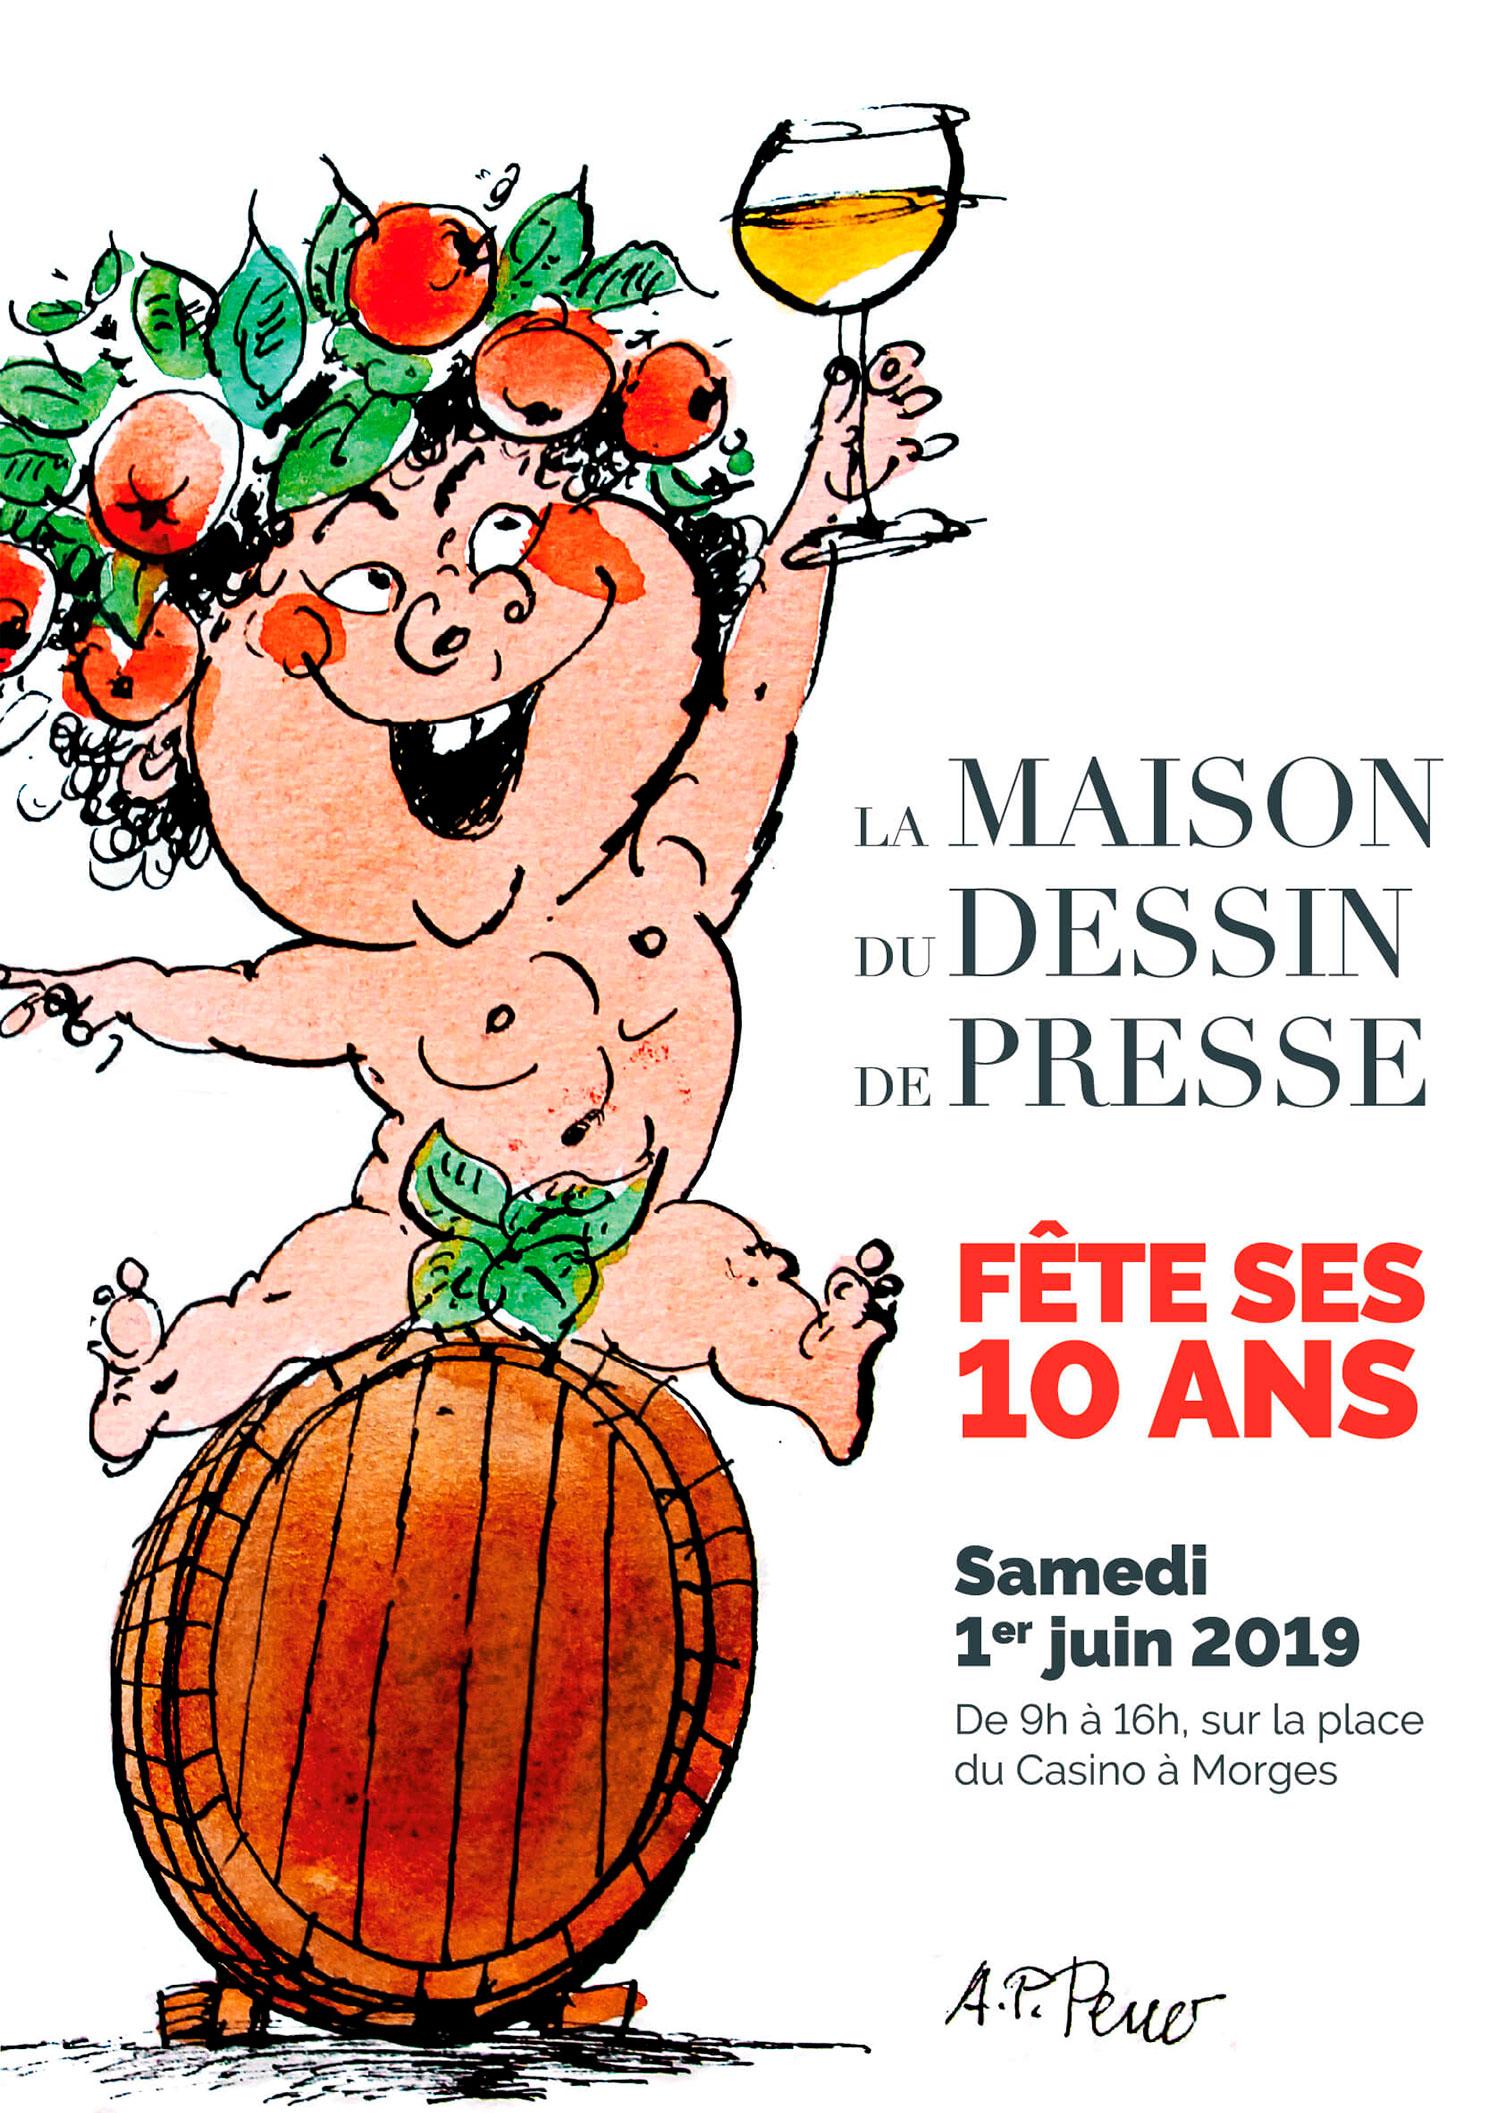 La maison du dessin de presse fête ses 10 ans